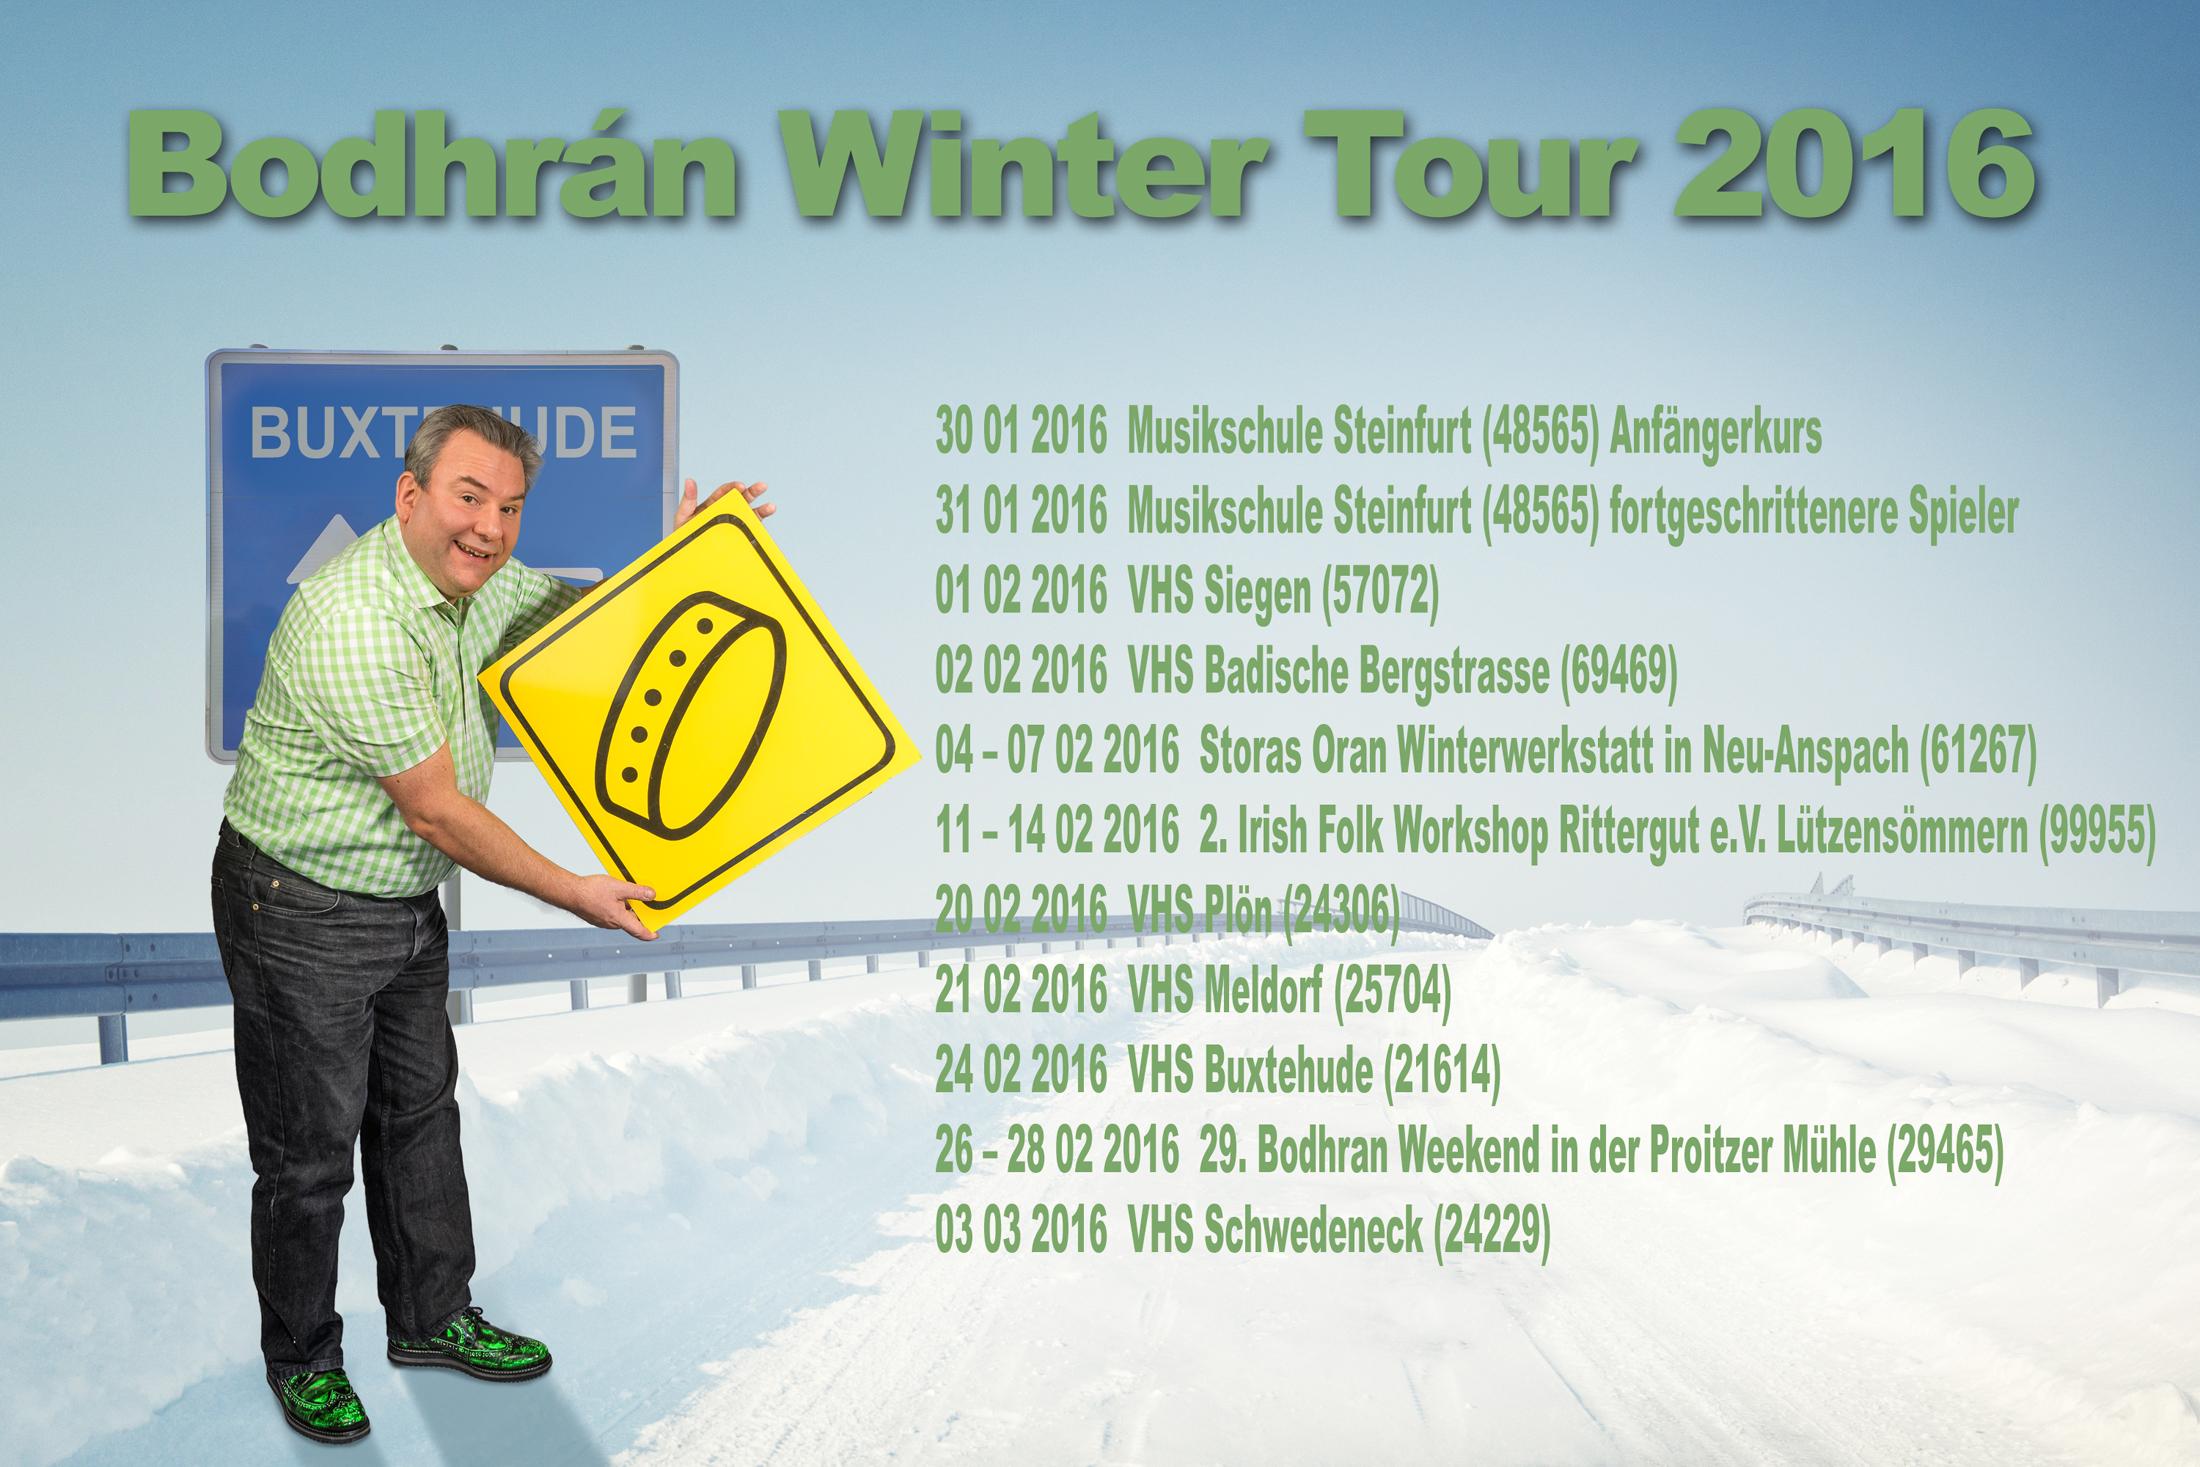 tour eins 2016 im Schnee6